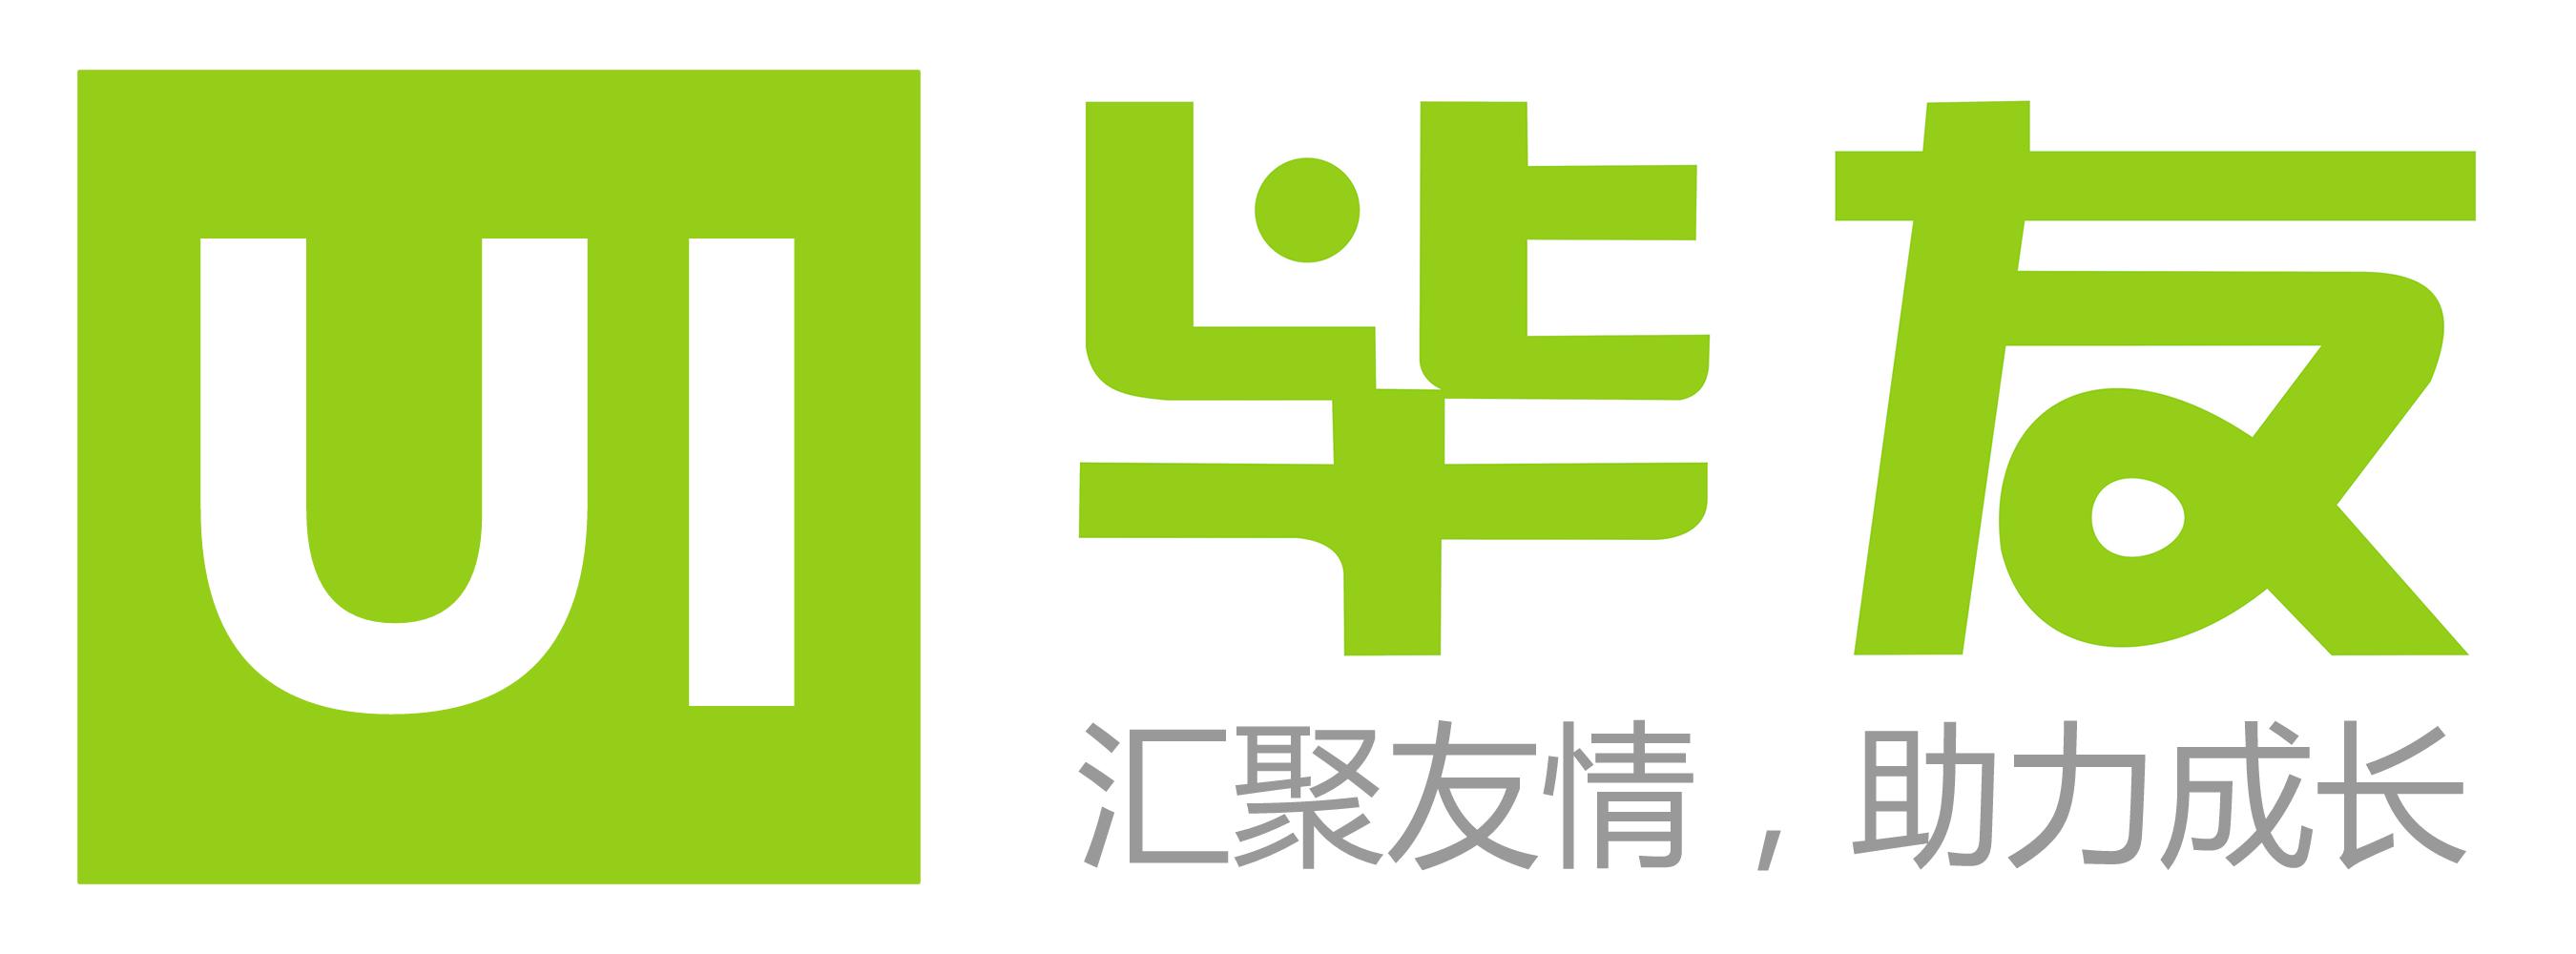 2012(第八届)中国MBA企业案例大赛开赛